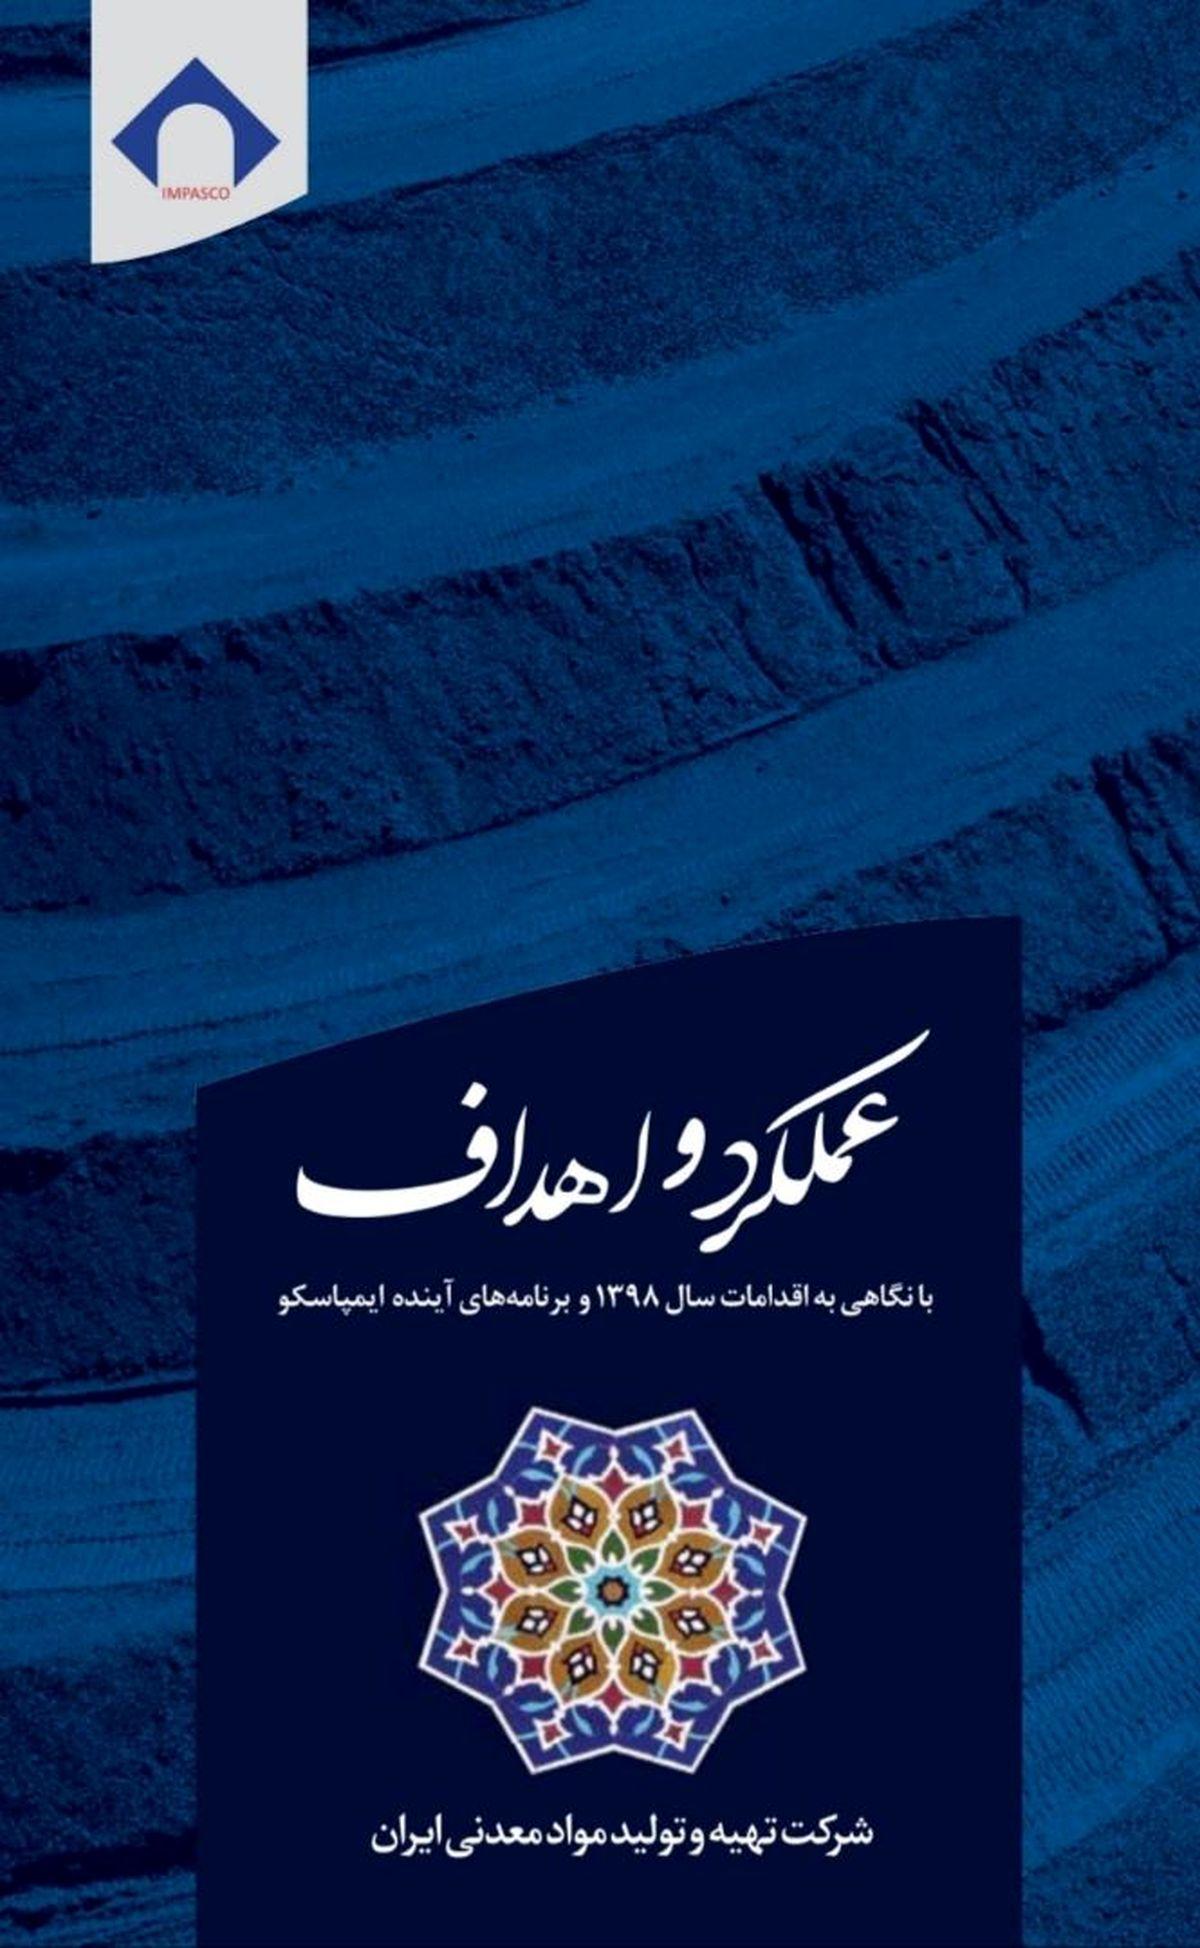 انتشار کتابچه عملکرد و اهداف ایمپاسکو